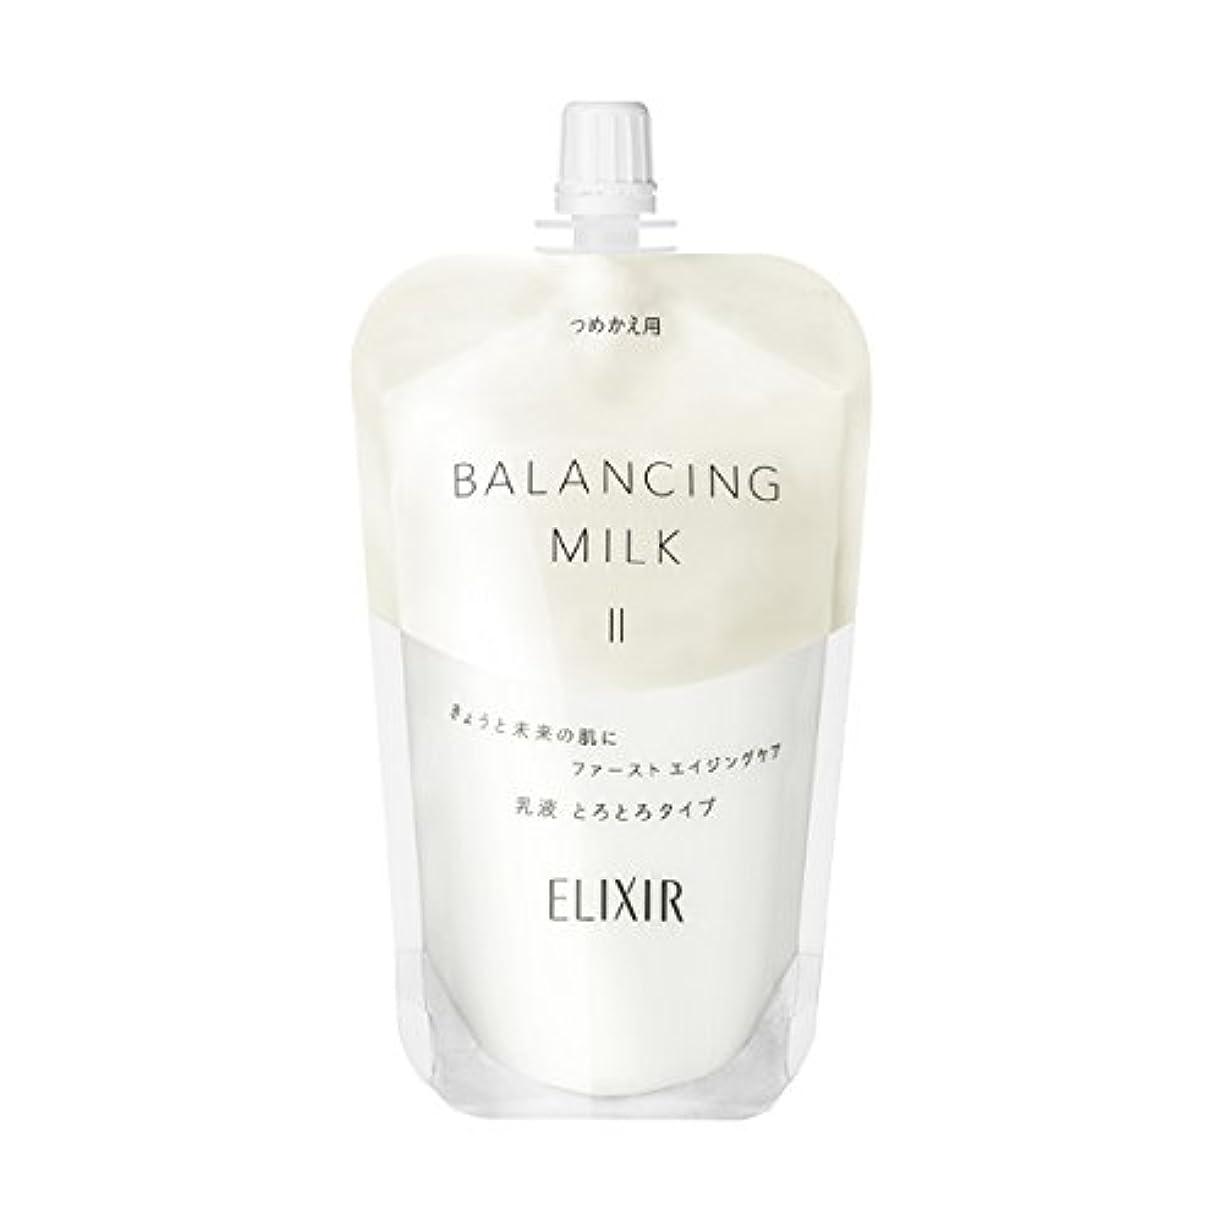 許可煩わしい不格好エリクシール ルフレ バランシング ミルク 乳液 2 (とろとろタイプ) (つめかえ用) 110mL